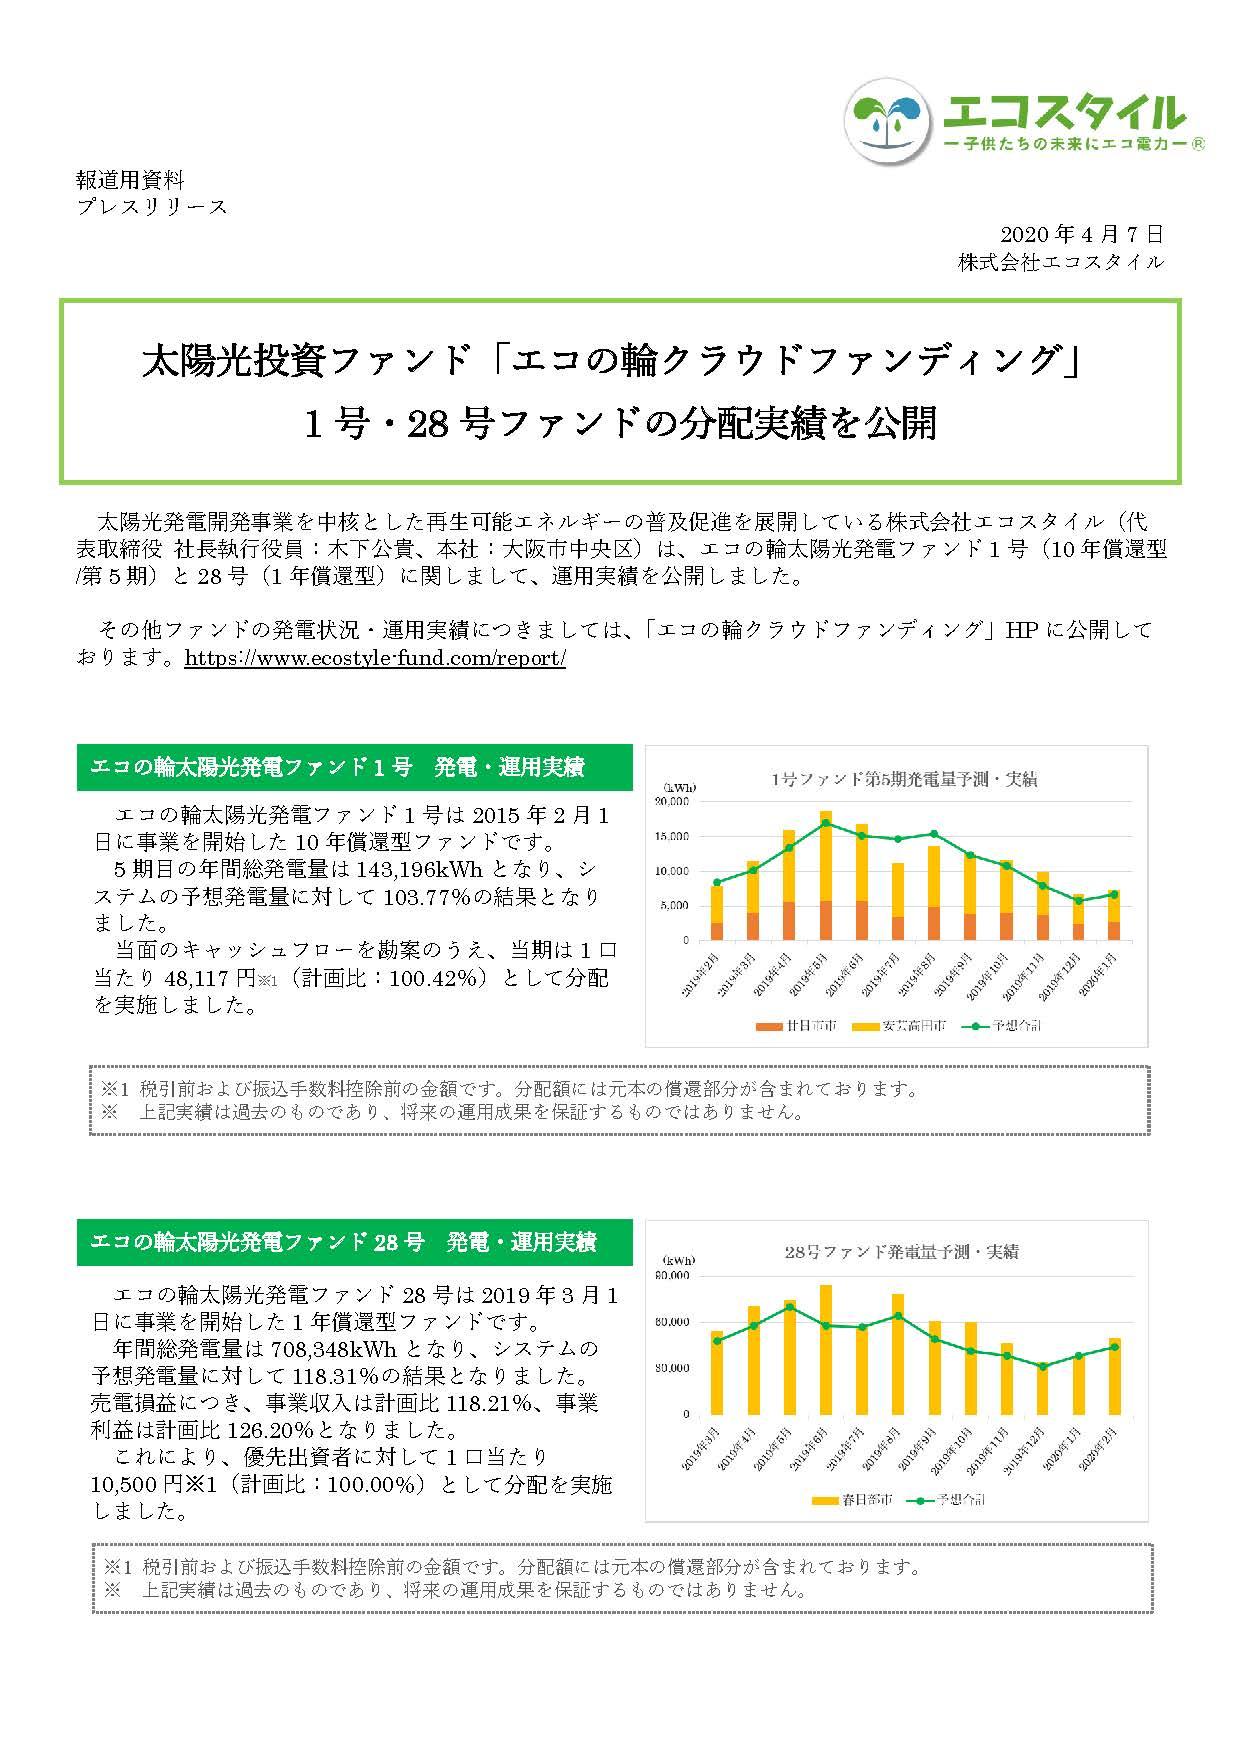 太陽光投資ファンド「エコの輪クラウドファンディング」 1号・28号ファンドの分配実績を公開